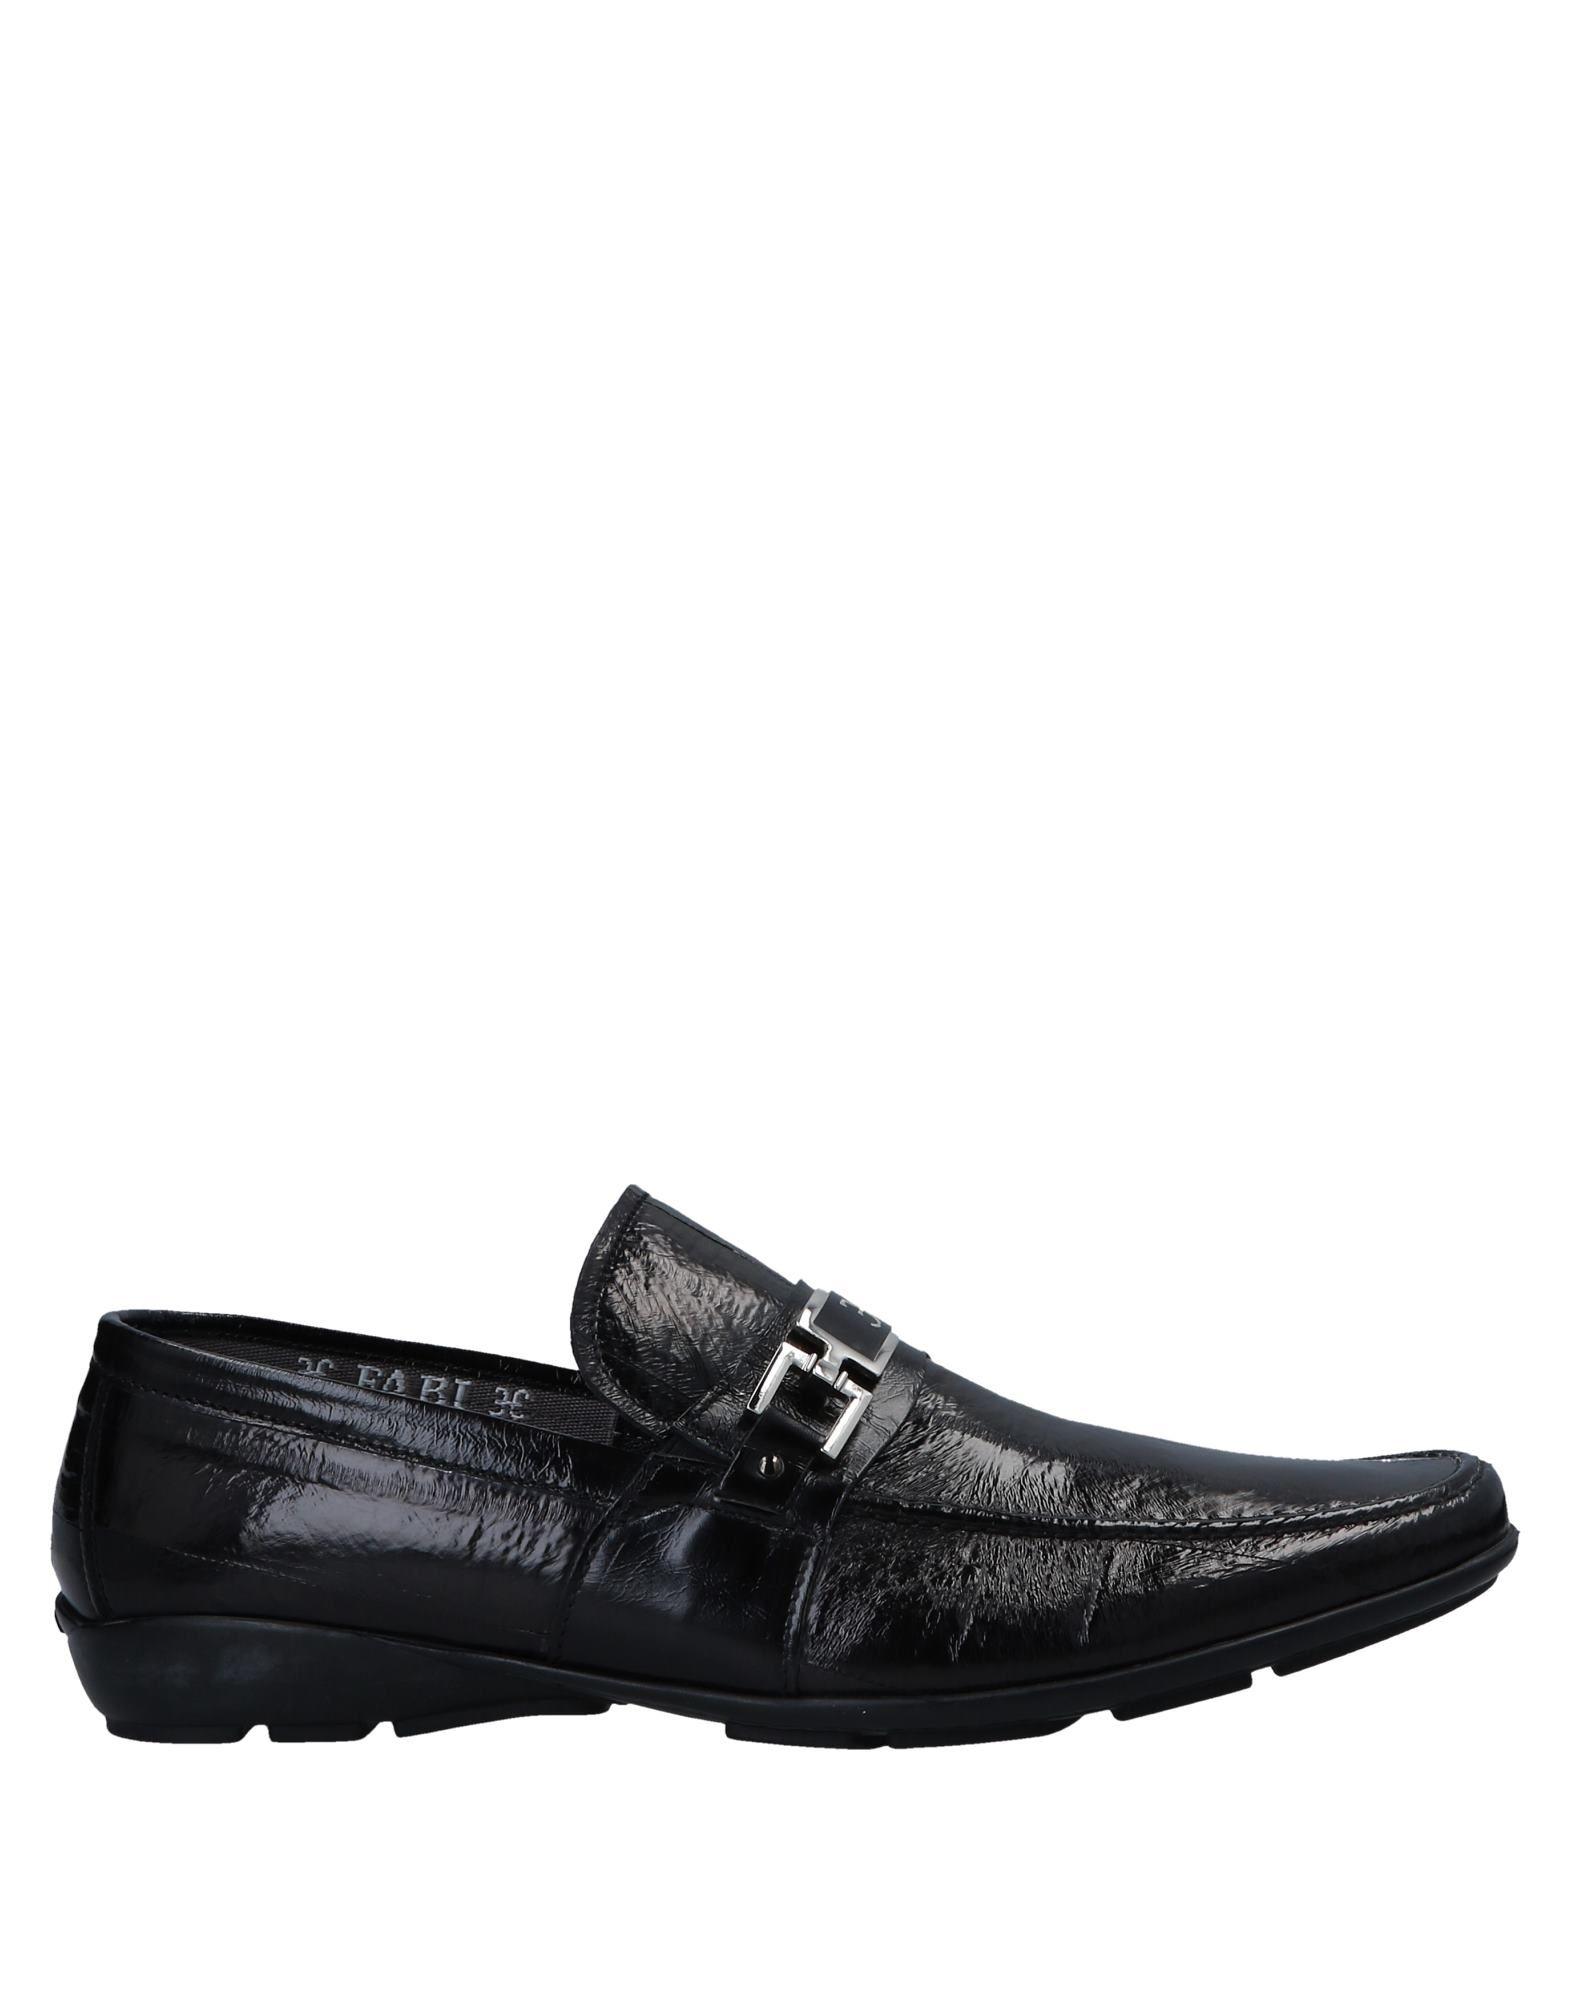 Fabi Mokassins Herren  11549985OP Gute Qualität beliebte Schuhe